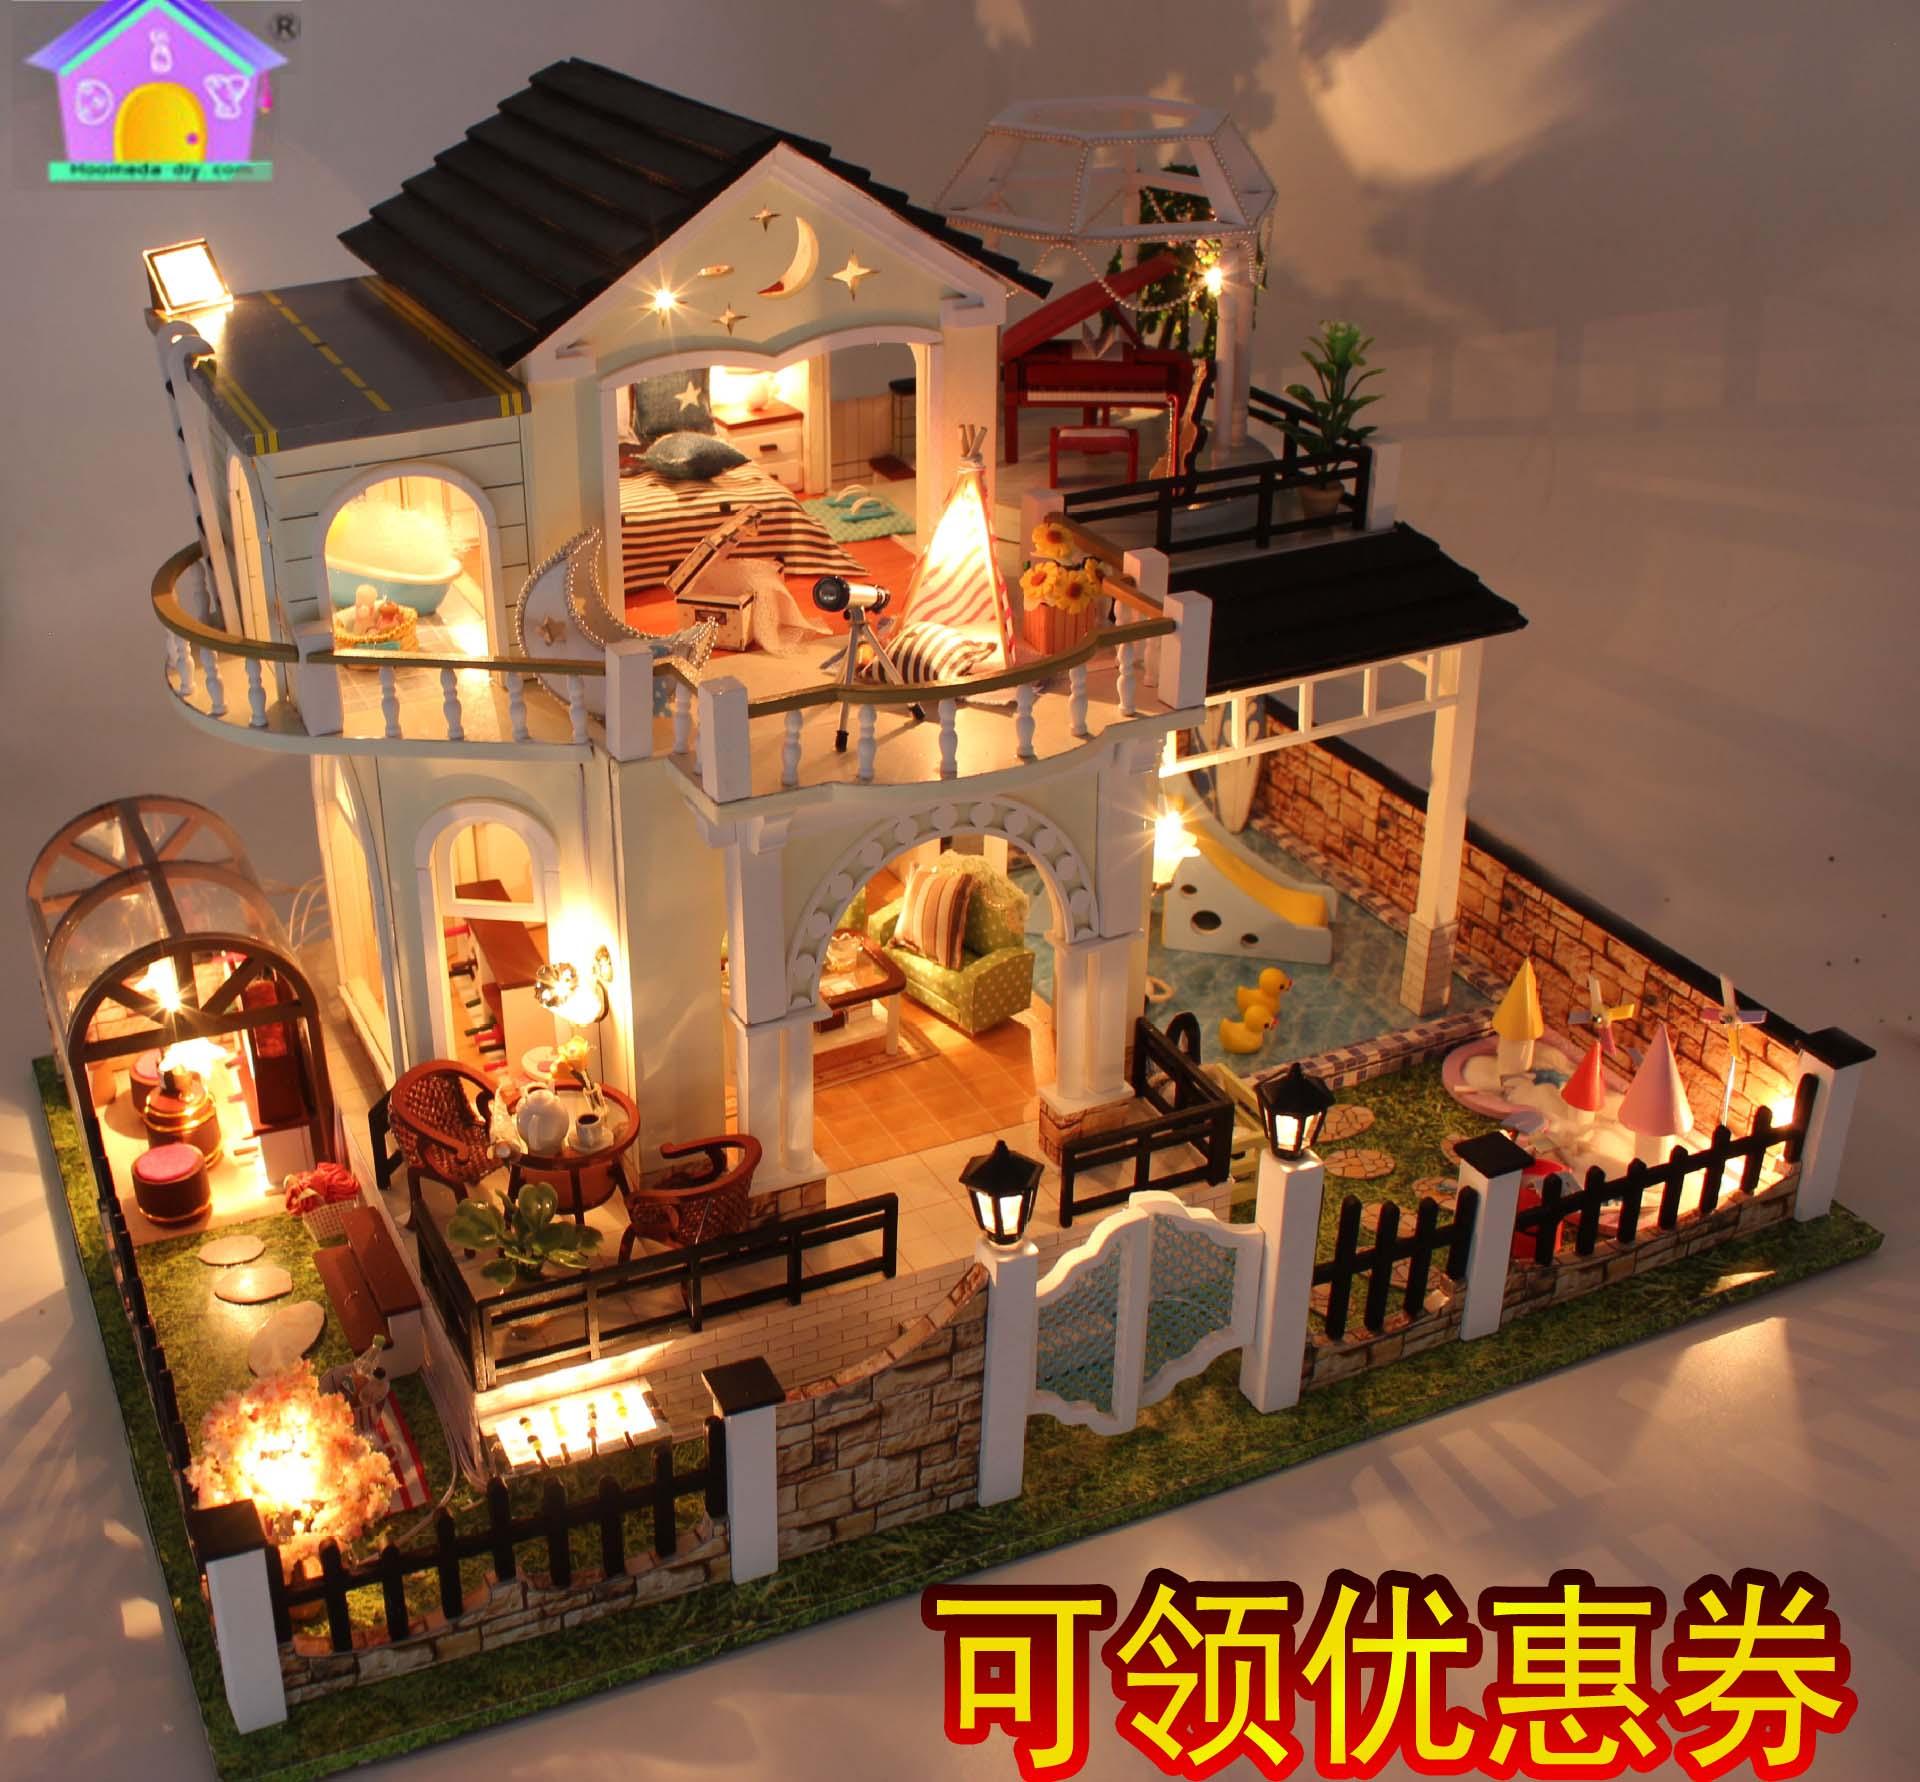 弘达diy小屋花好月圆拼装创意模型玩具圣诞生日情人节礼物包邮